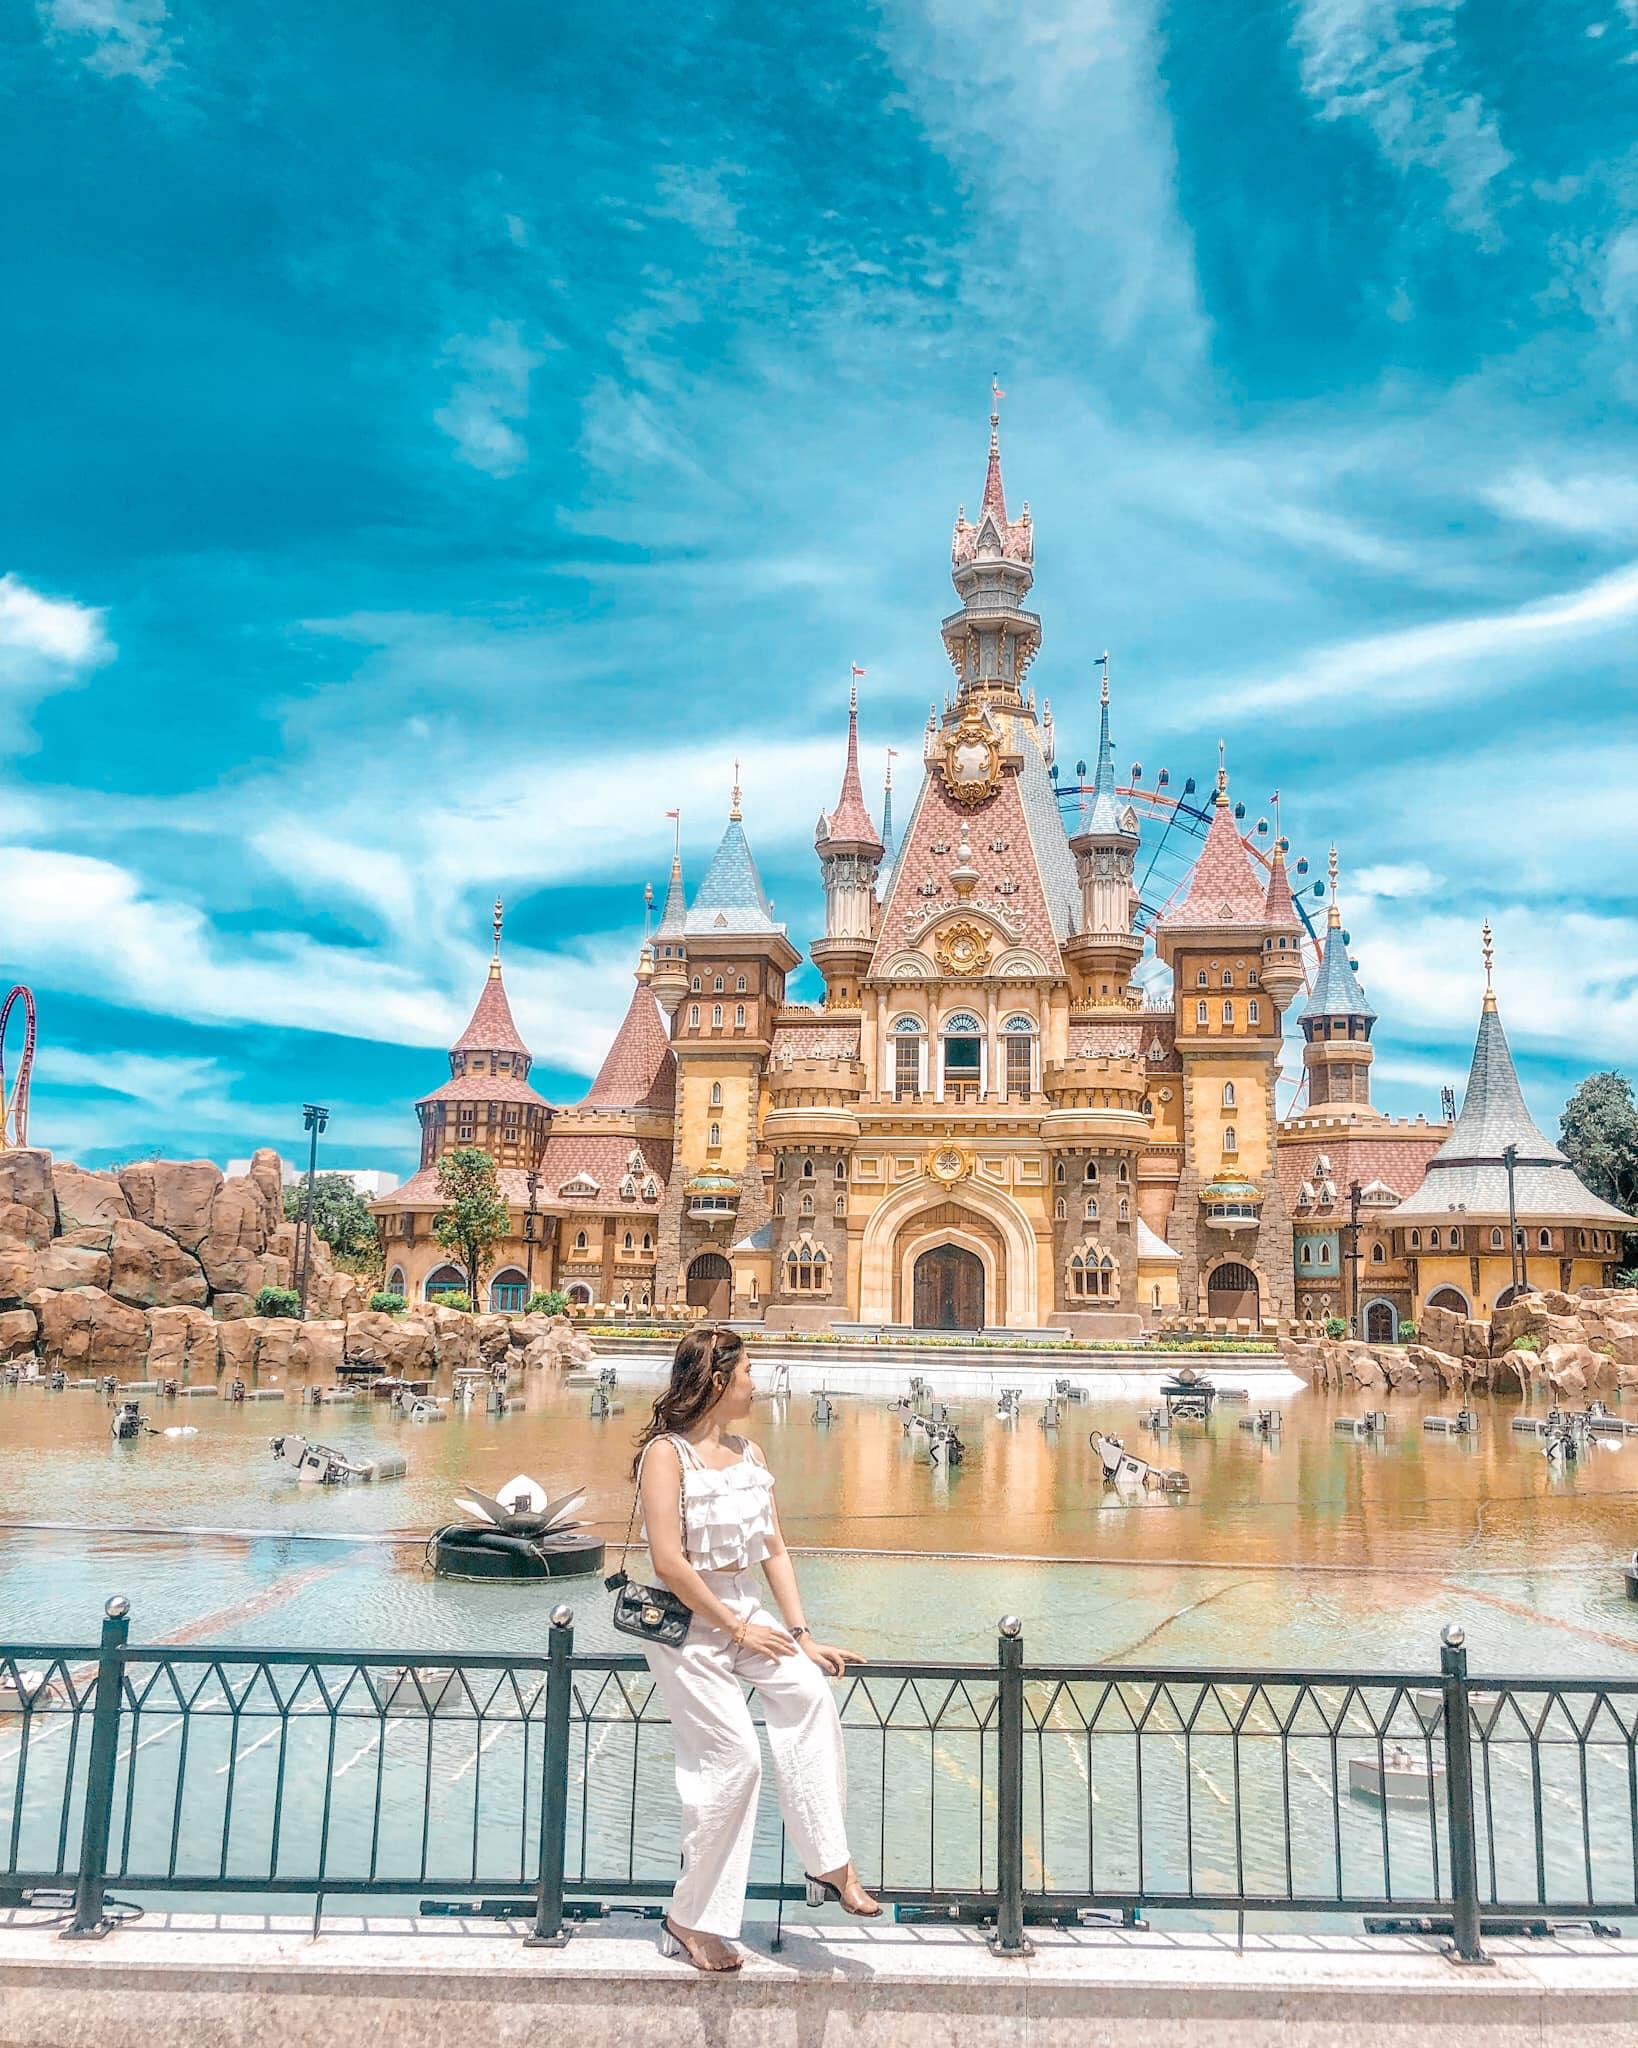 Tour du lịch Phú Quốc khởi hành từ Rạch Giá: Vô vàn ưu đãi trong dịp hè này  - Ảnh 18.